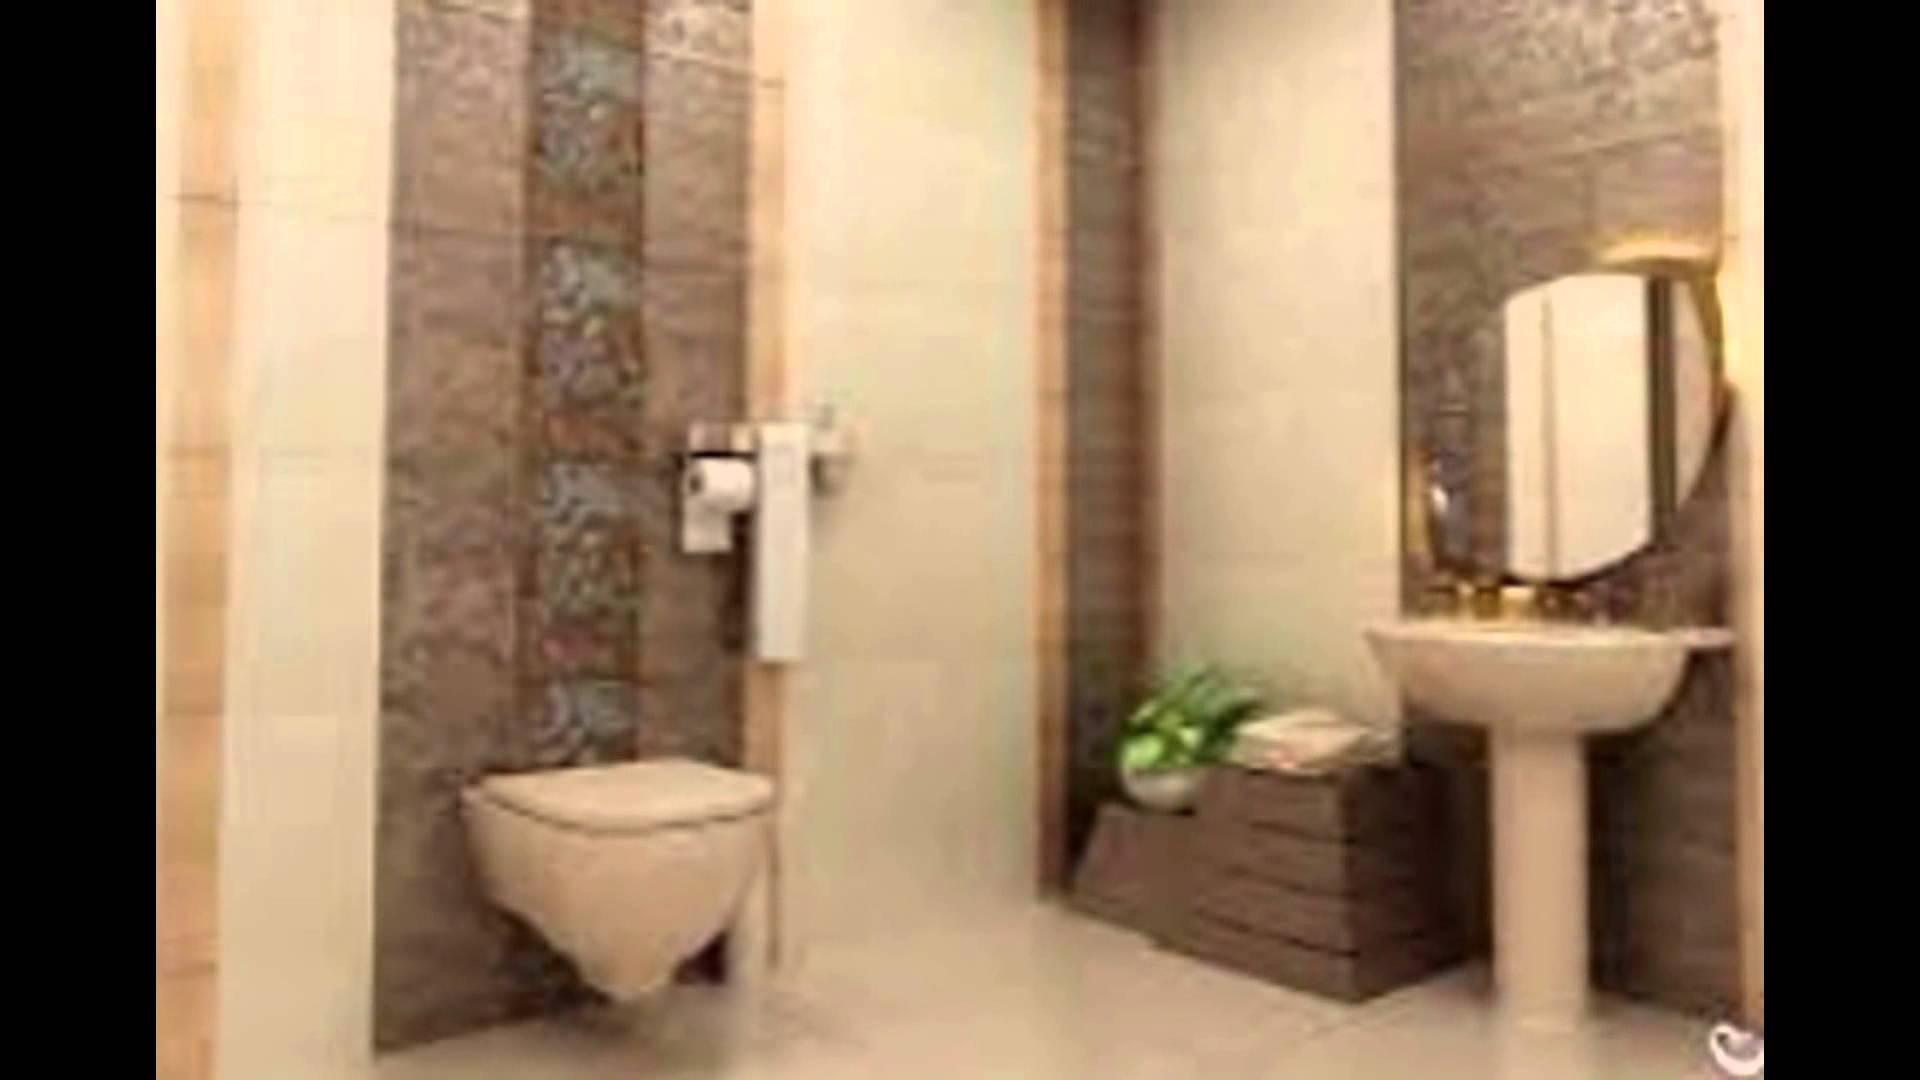 بالصور سيراميك حمامات ومطابخ , شاهد بالصور احدث تجهيزات الحمامات والمطابخ 2065 8